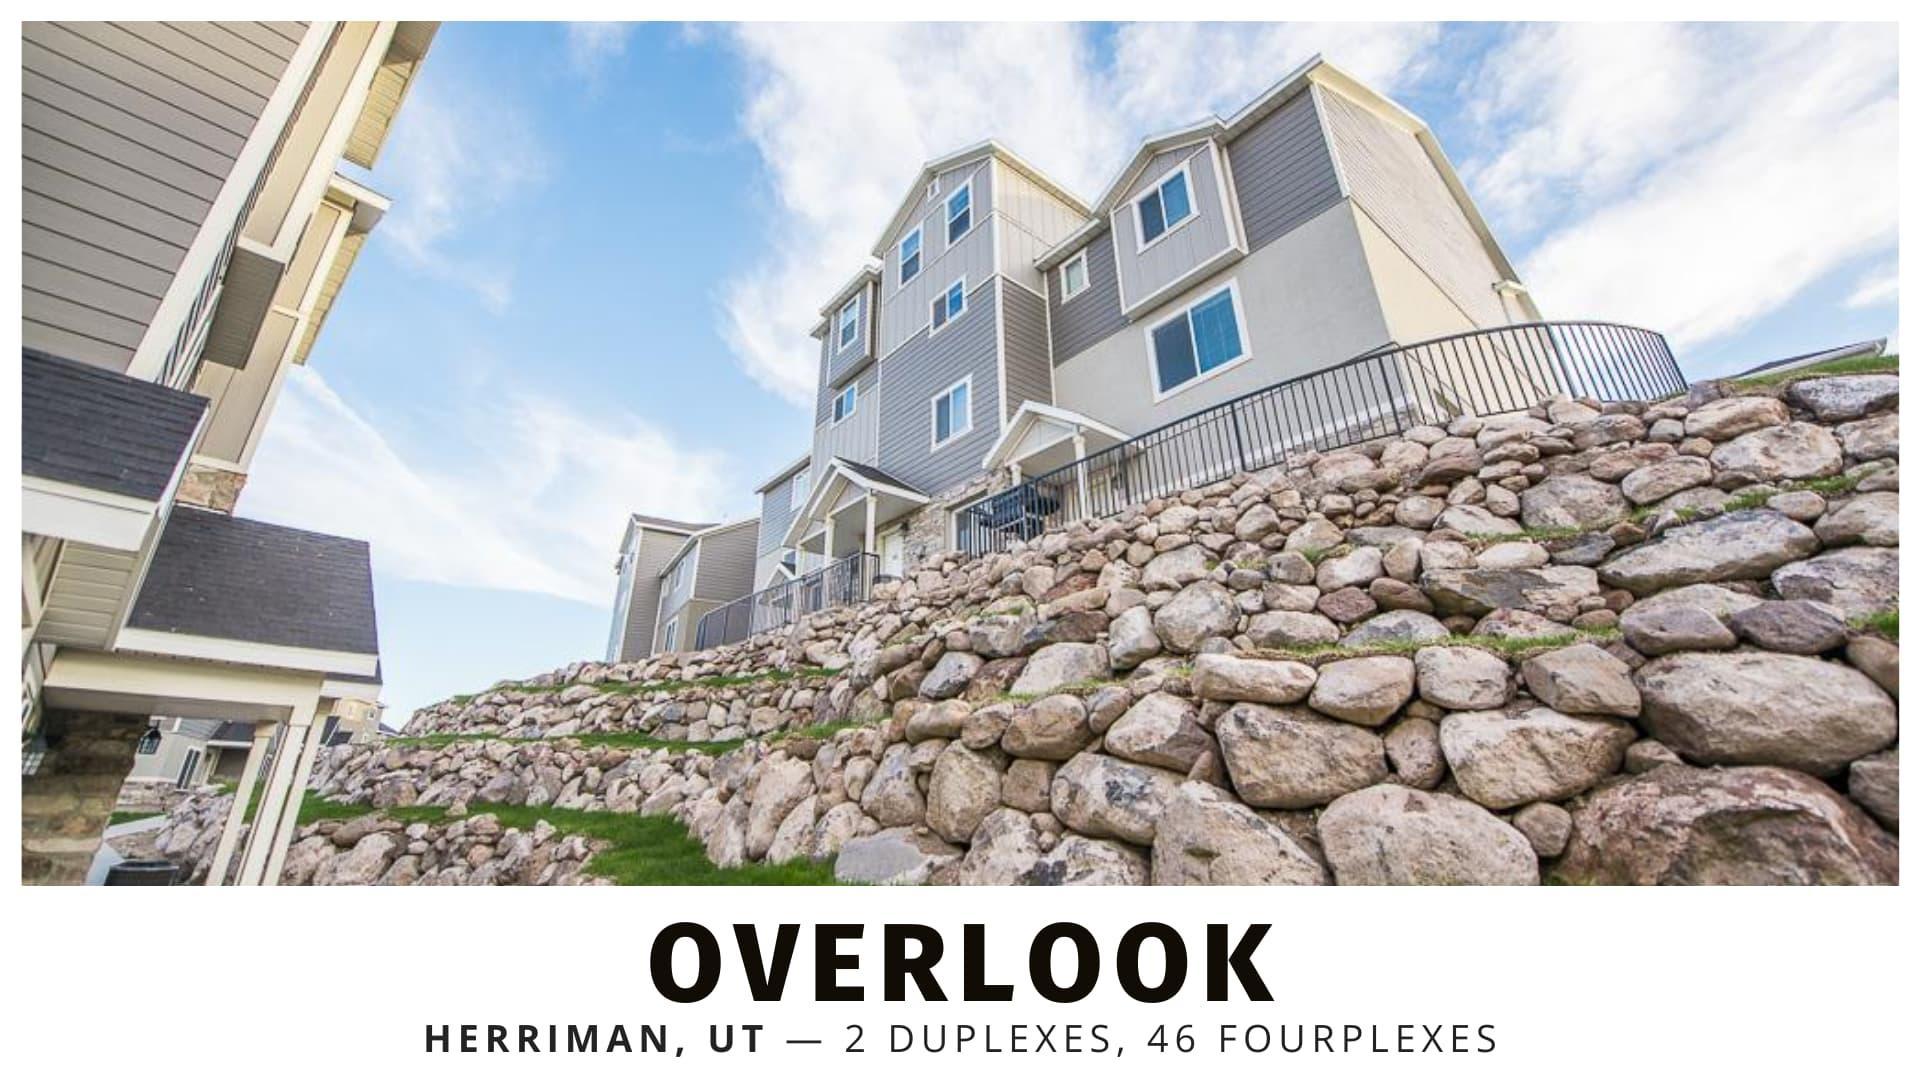 Overlook duplexes and fourplexes for sale in Utah